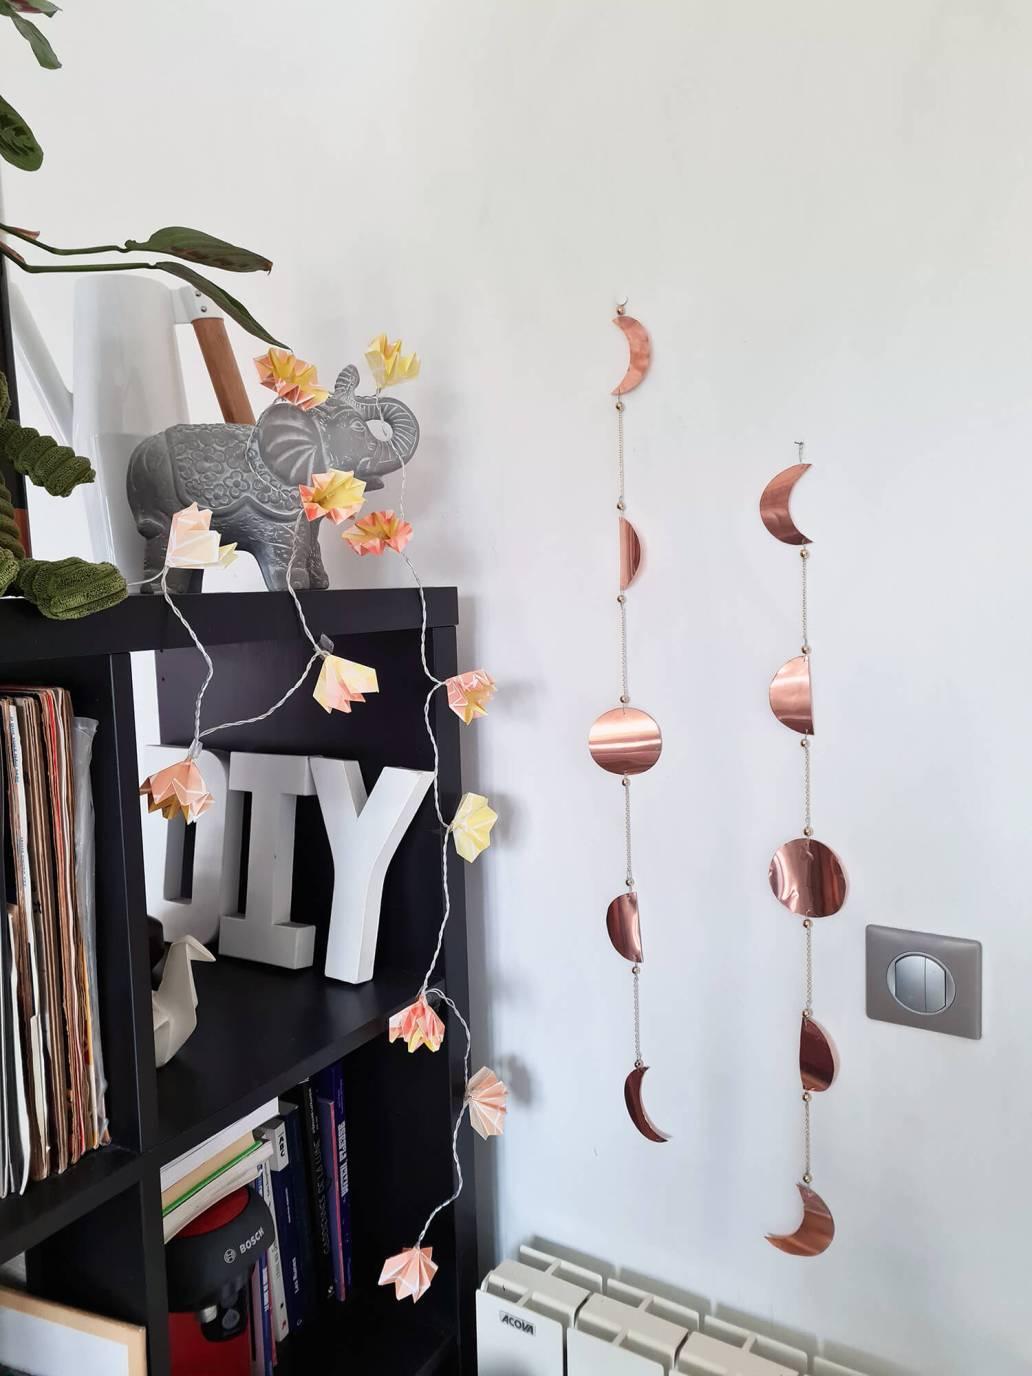 20201202 143735 - DIY déco : fabriquer un bijou de mur en cuivre